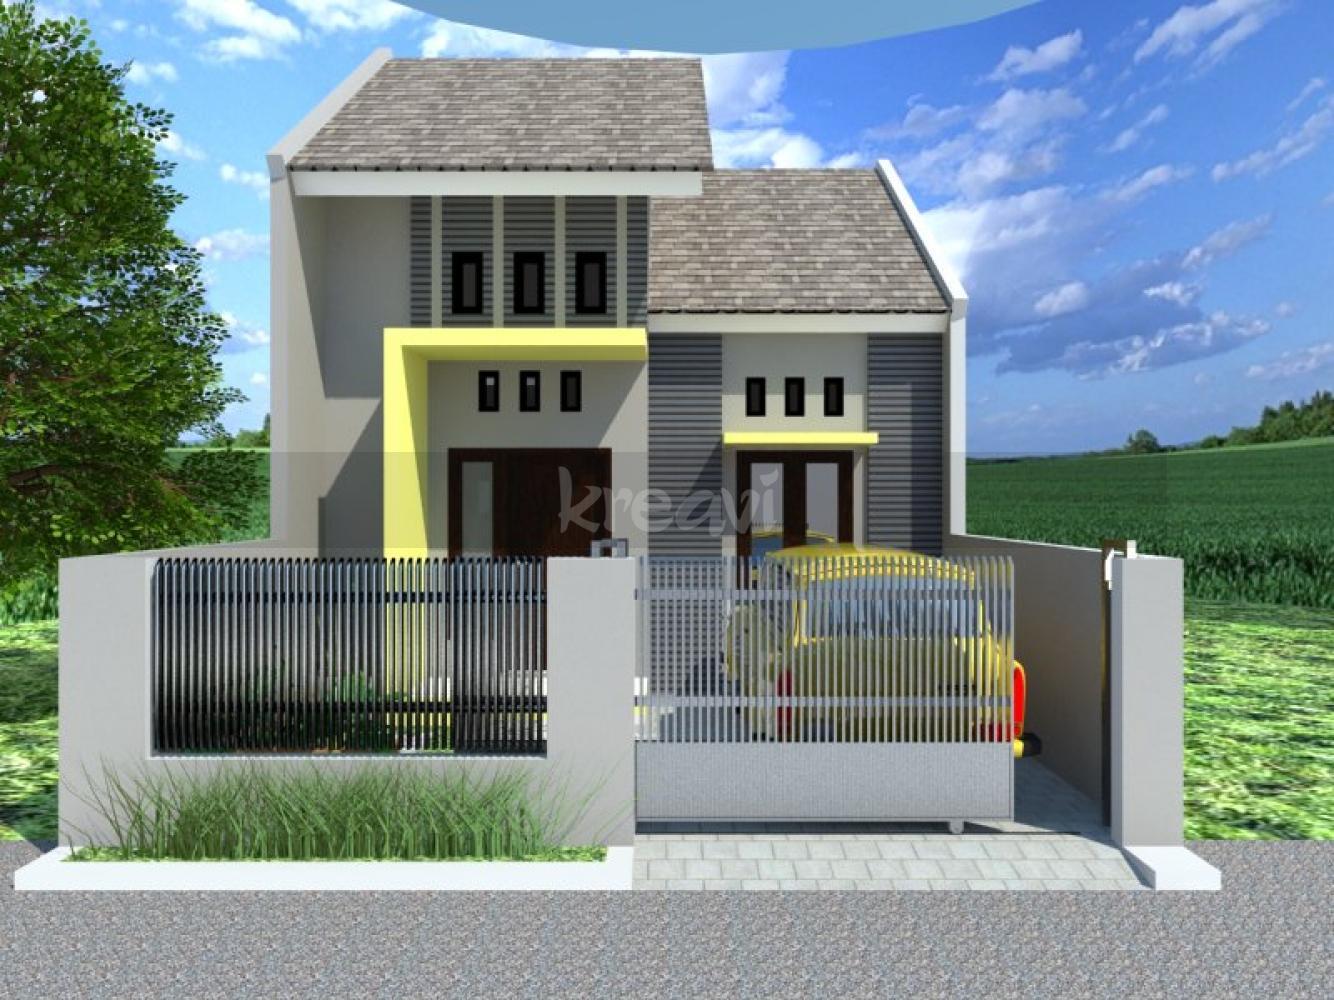 Desain Rumah Ukuran Tanah 6 X 15 Info Lowongan Kerja ID